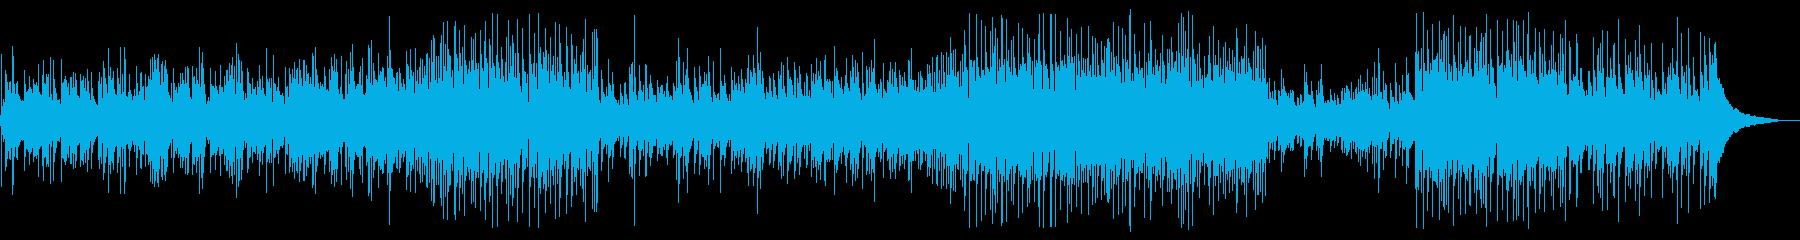 生演奏!アコギデュオによる爽やかポップスの再生済みの波形